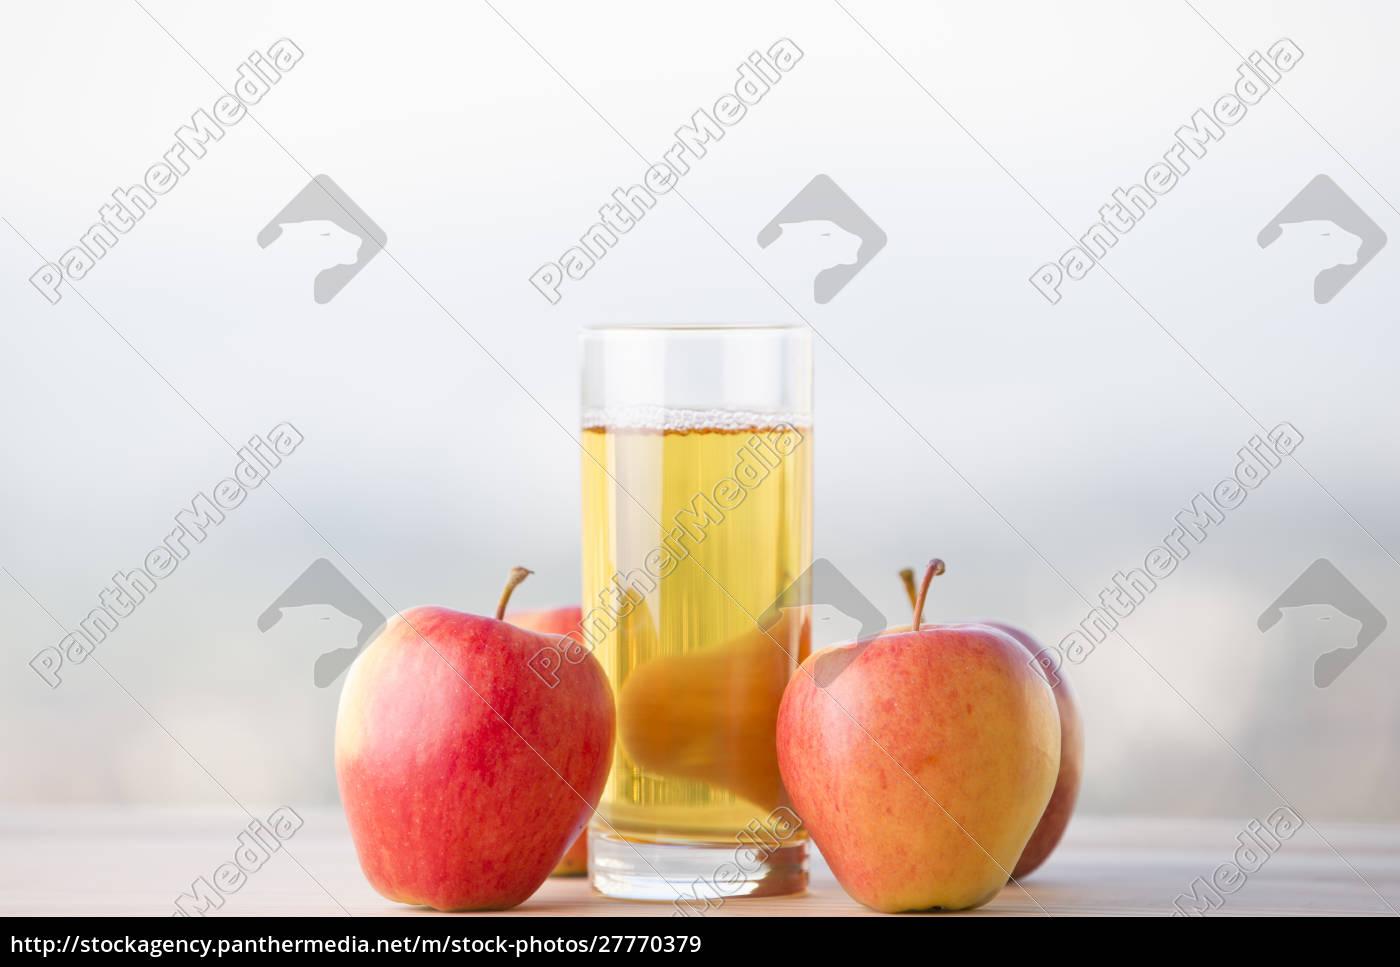 apple, juice - 27770379